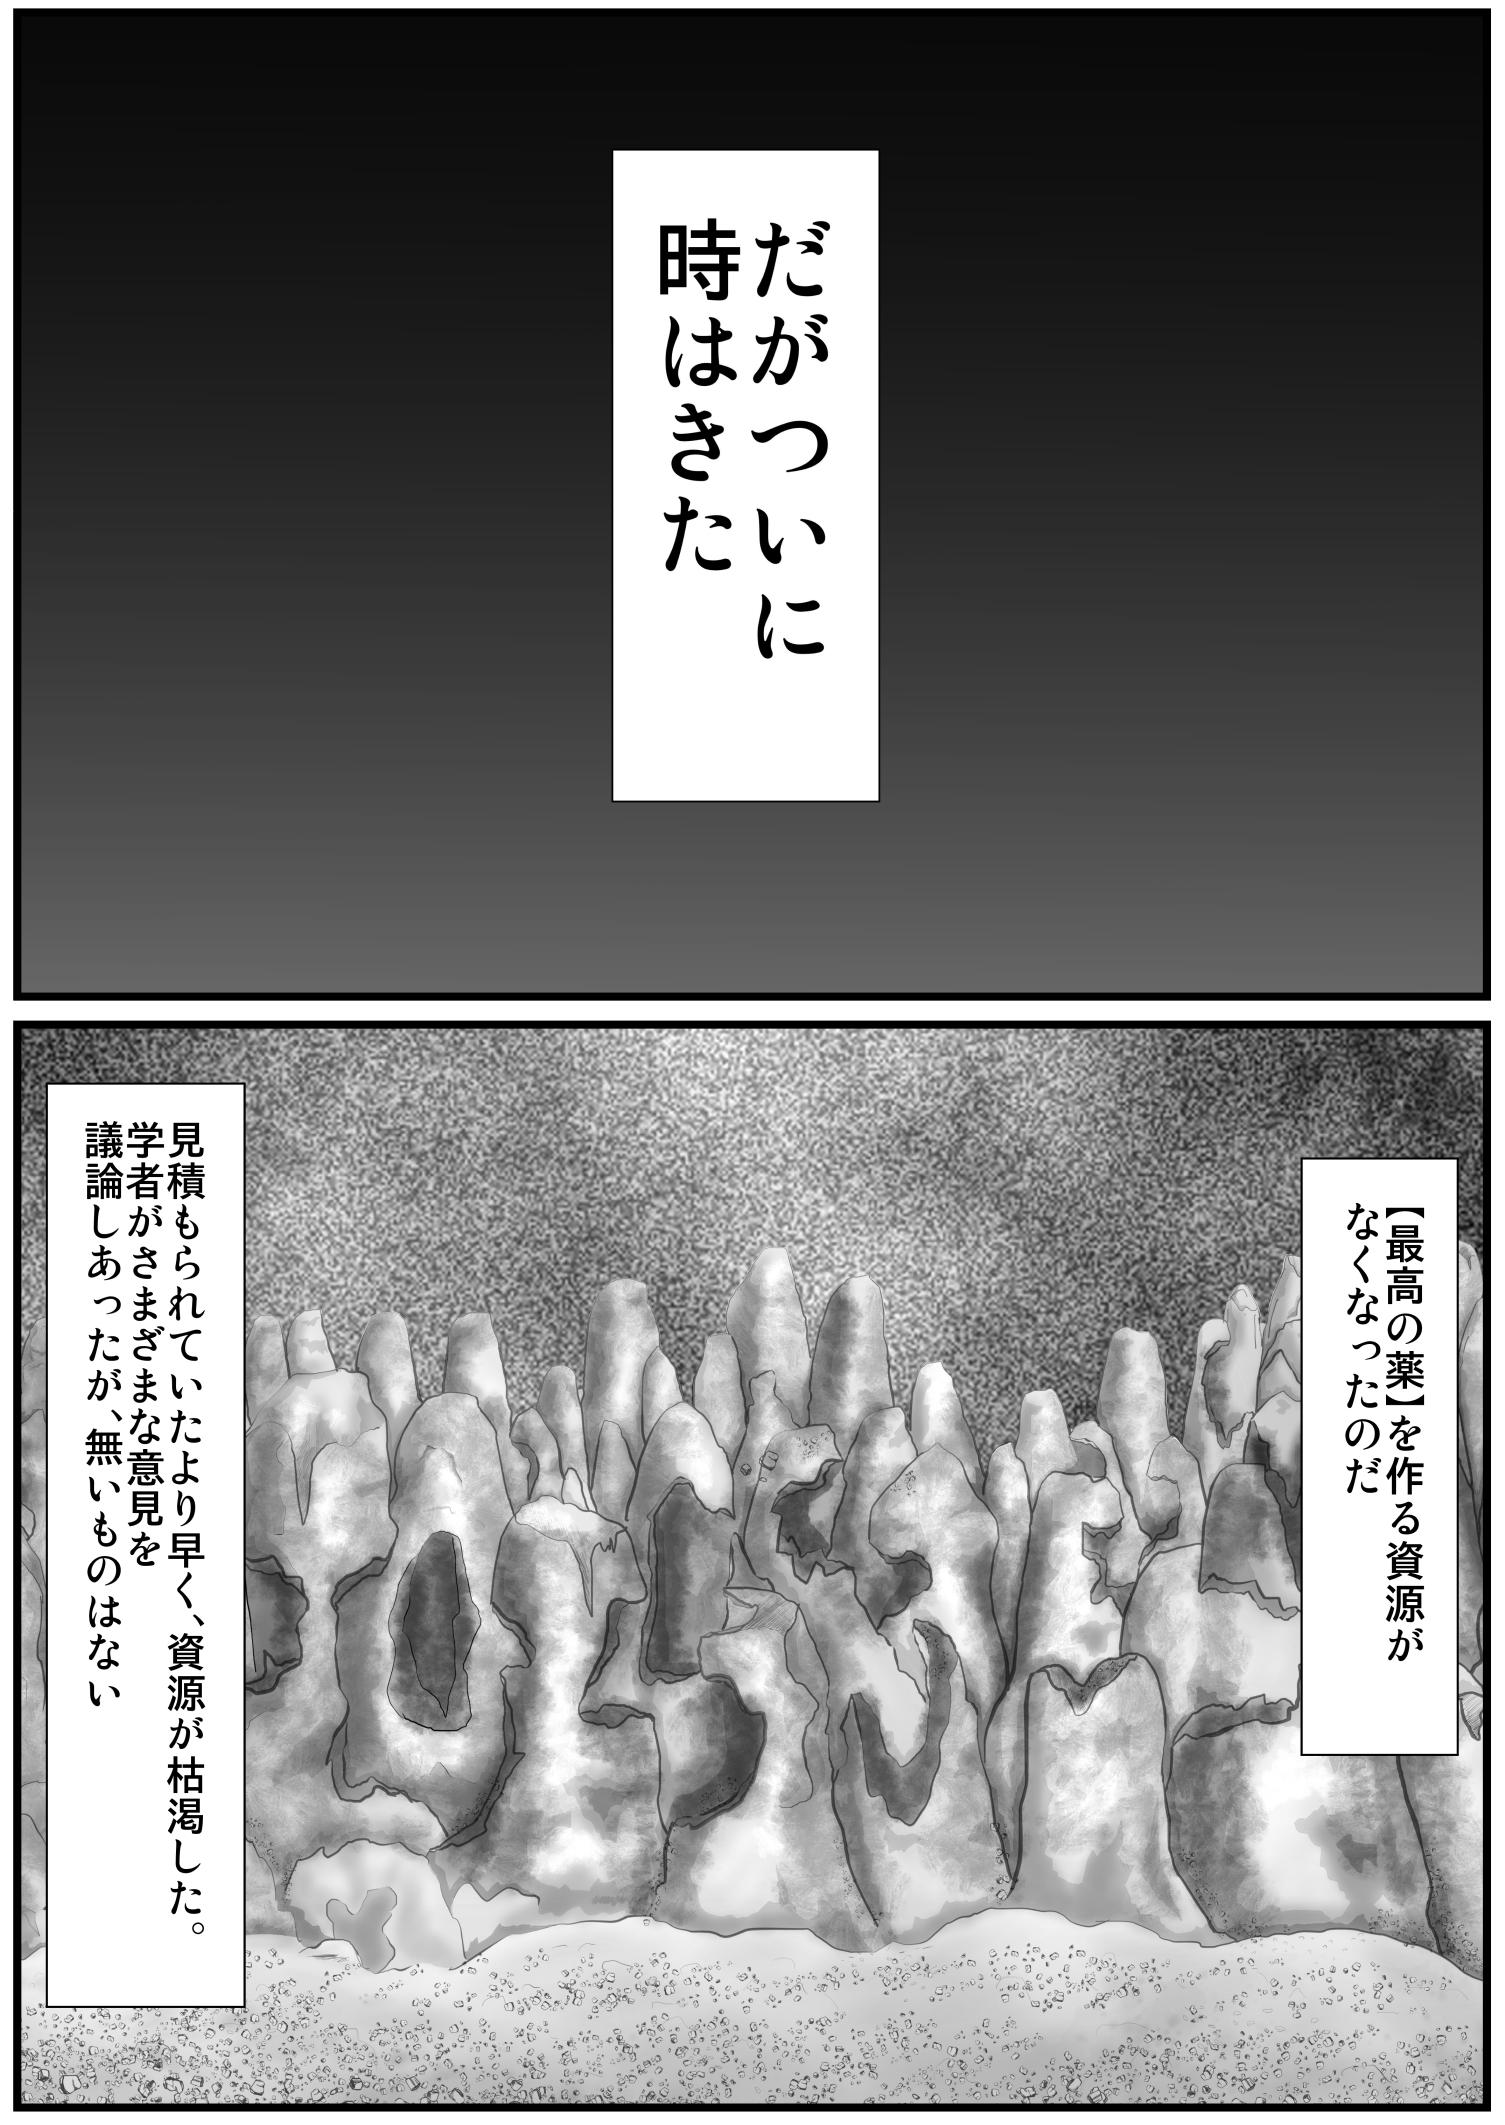 2019-4-13 最高の薬_005